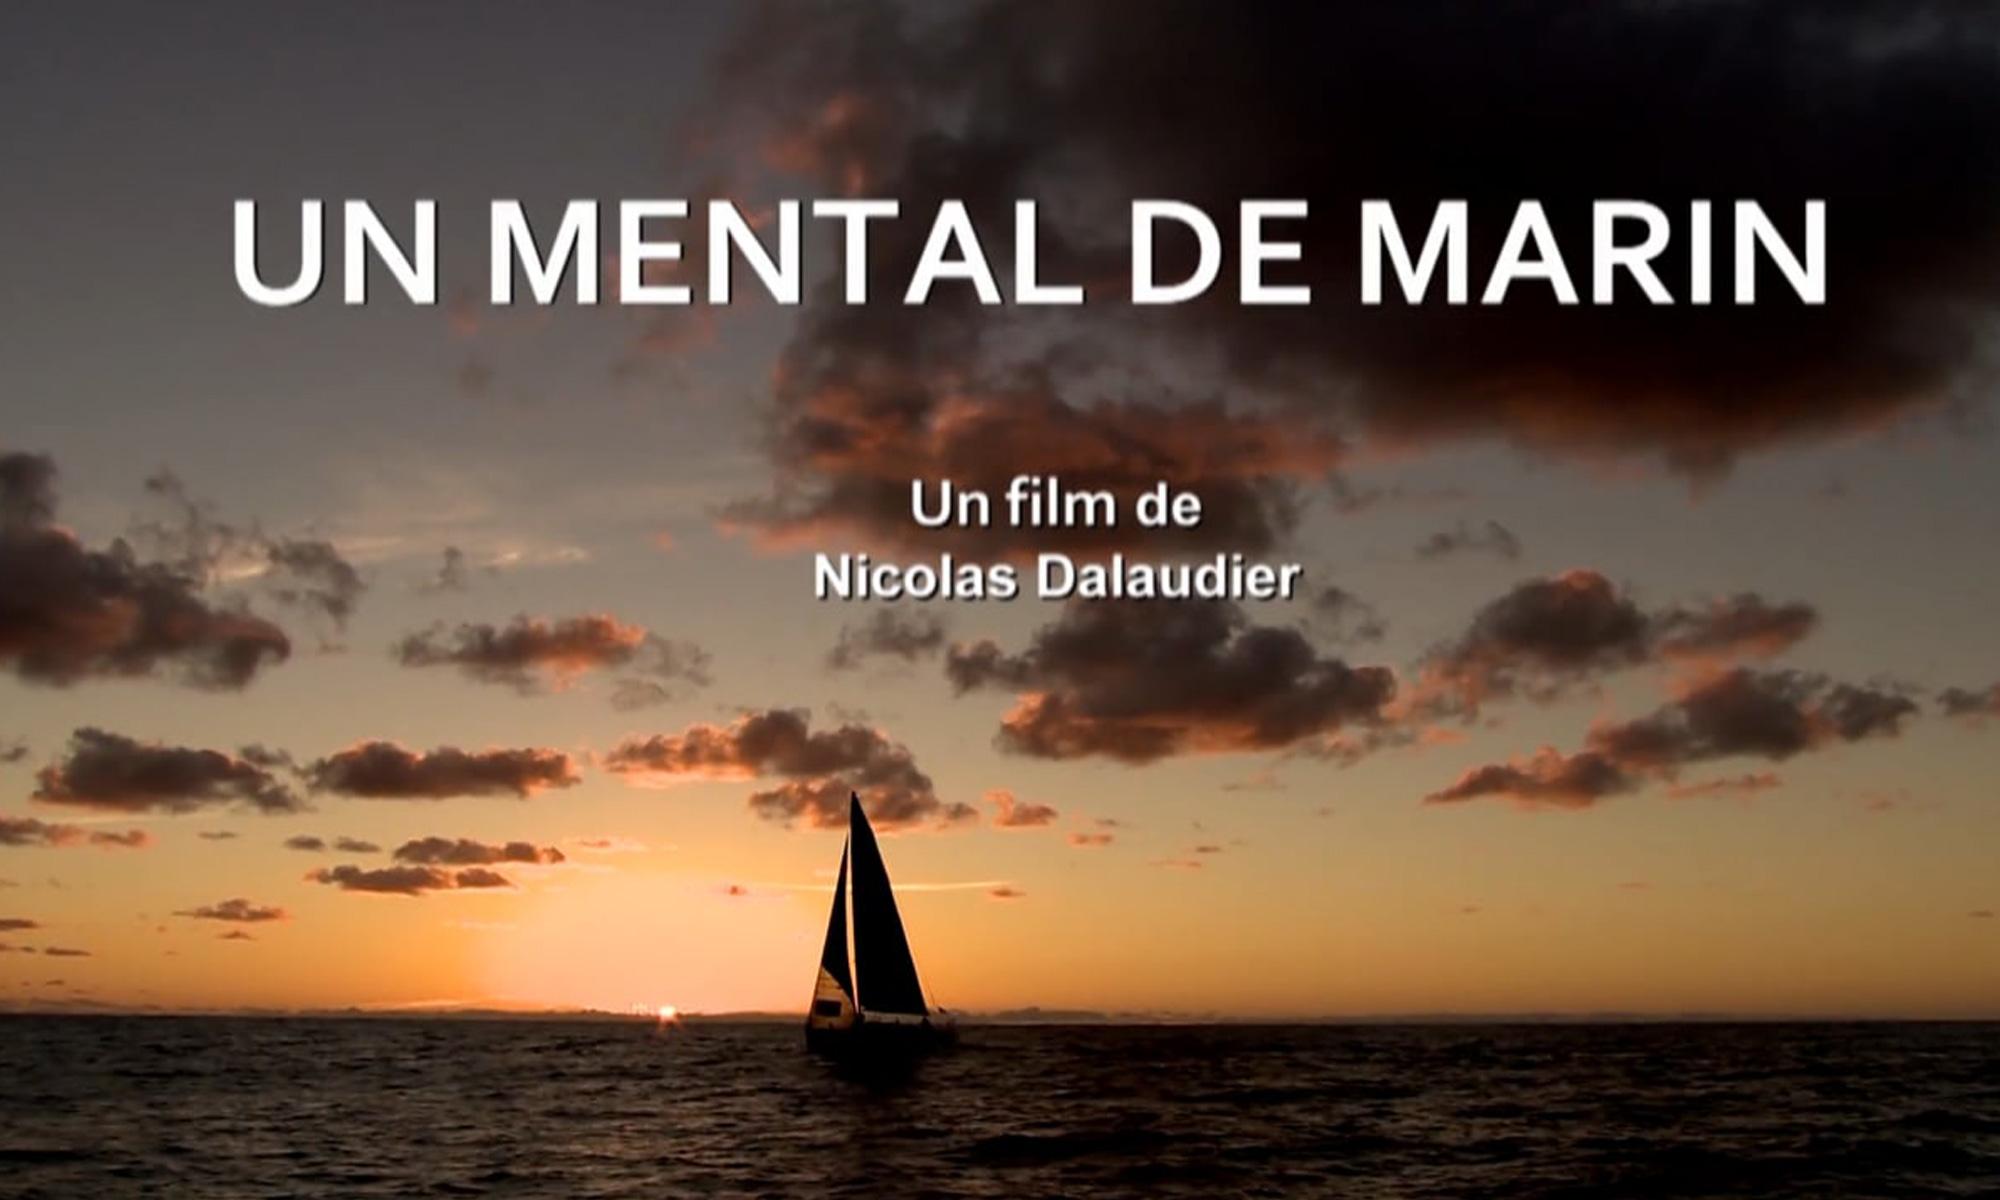 Un mental de marin